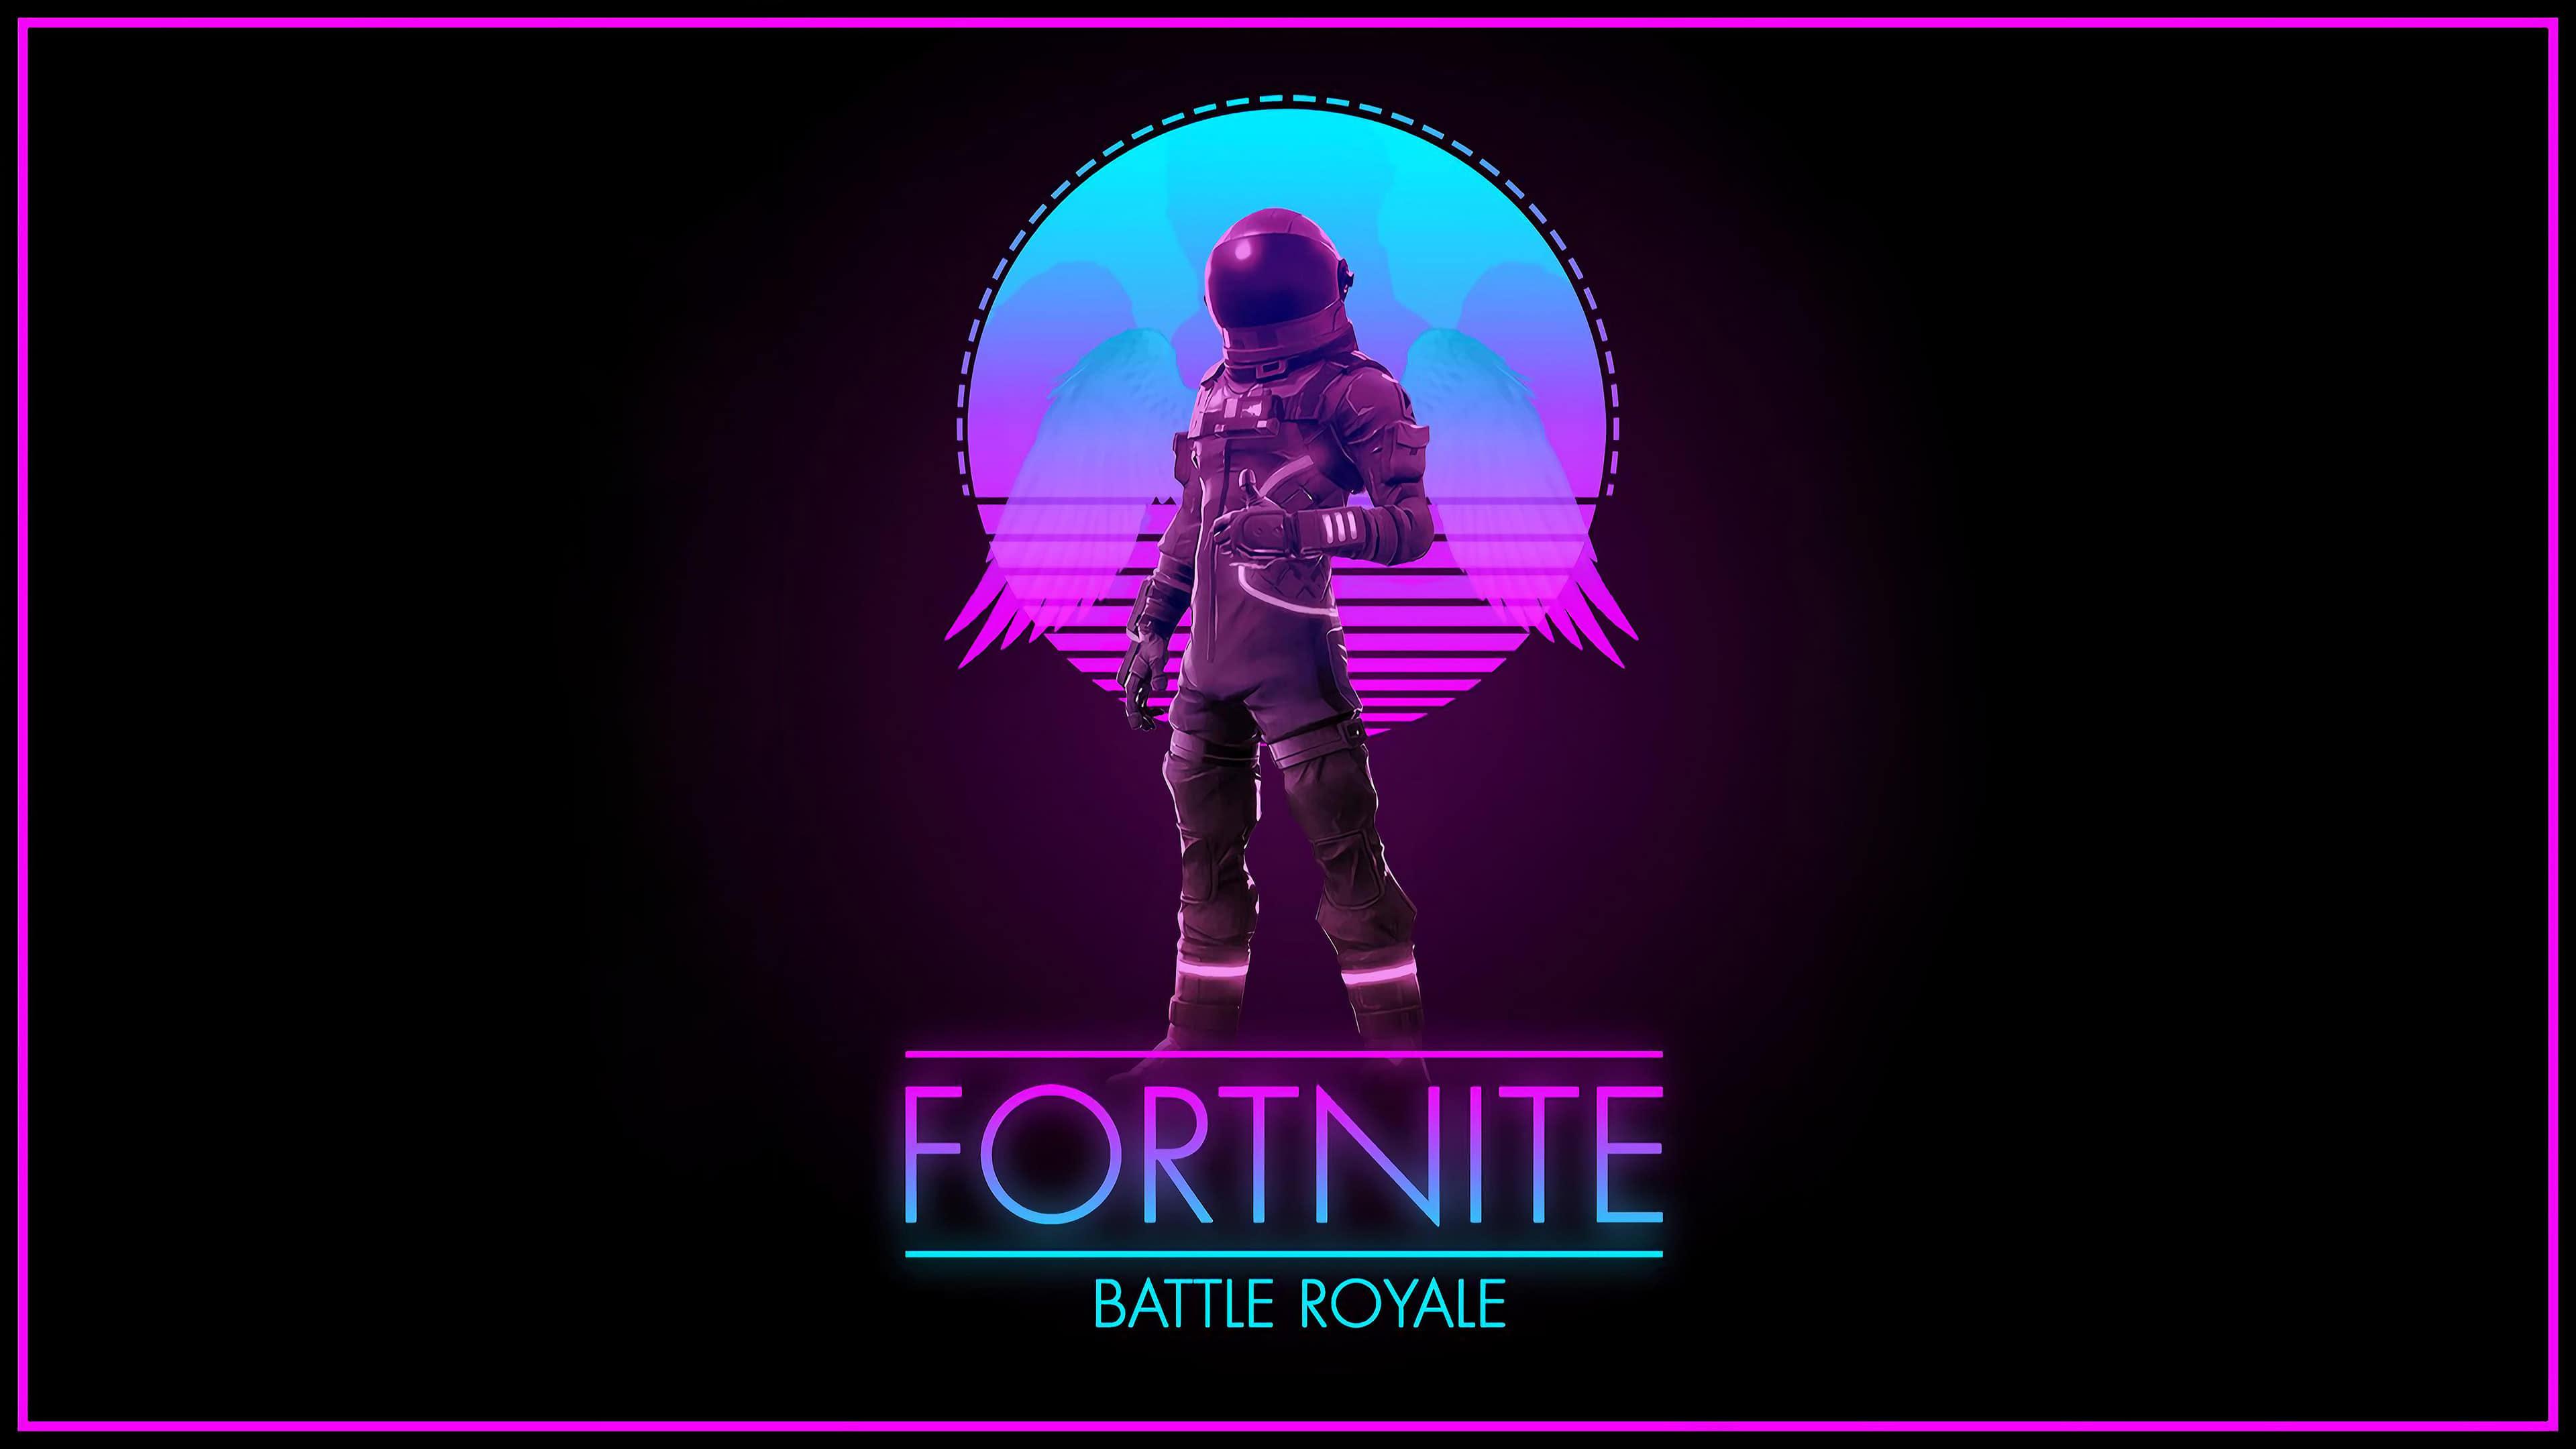 Fortnite Battle Royale Logo UHD 4K Wallpaper Pixelz 3840x2160